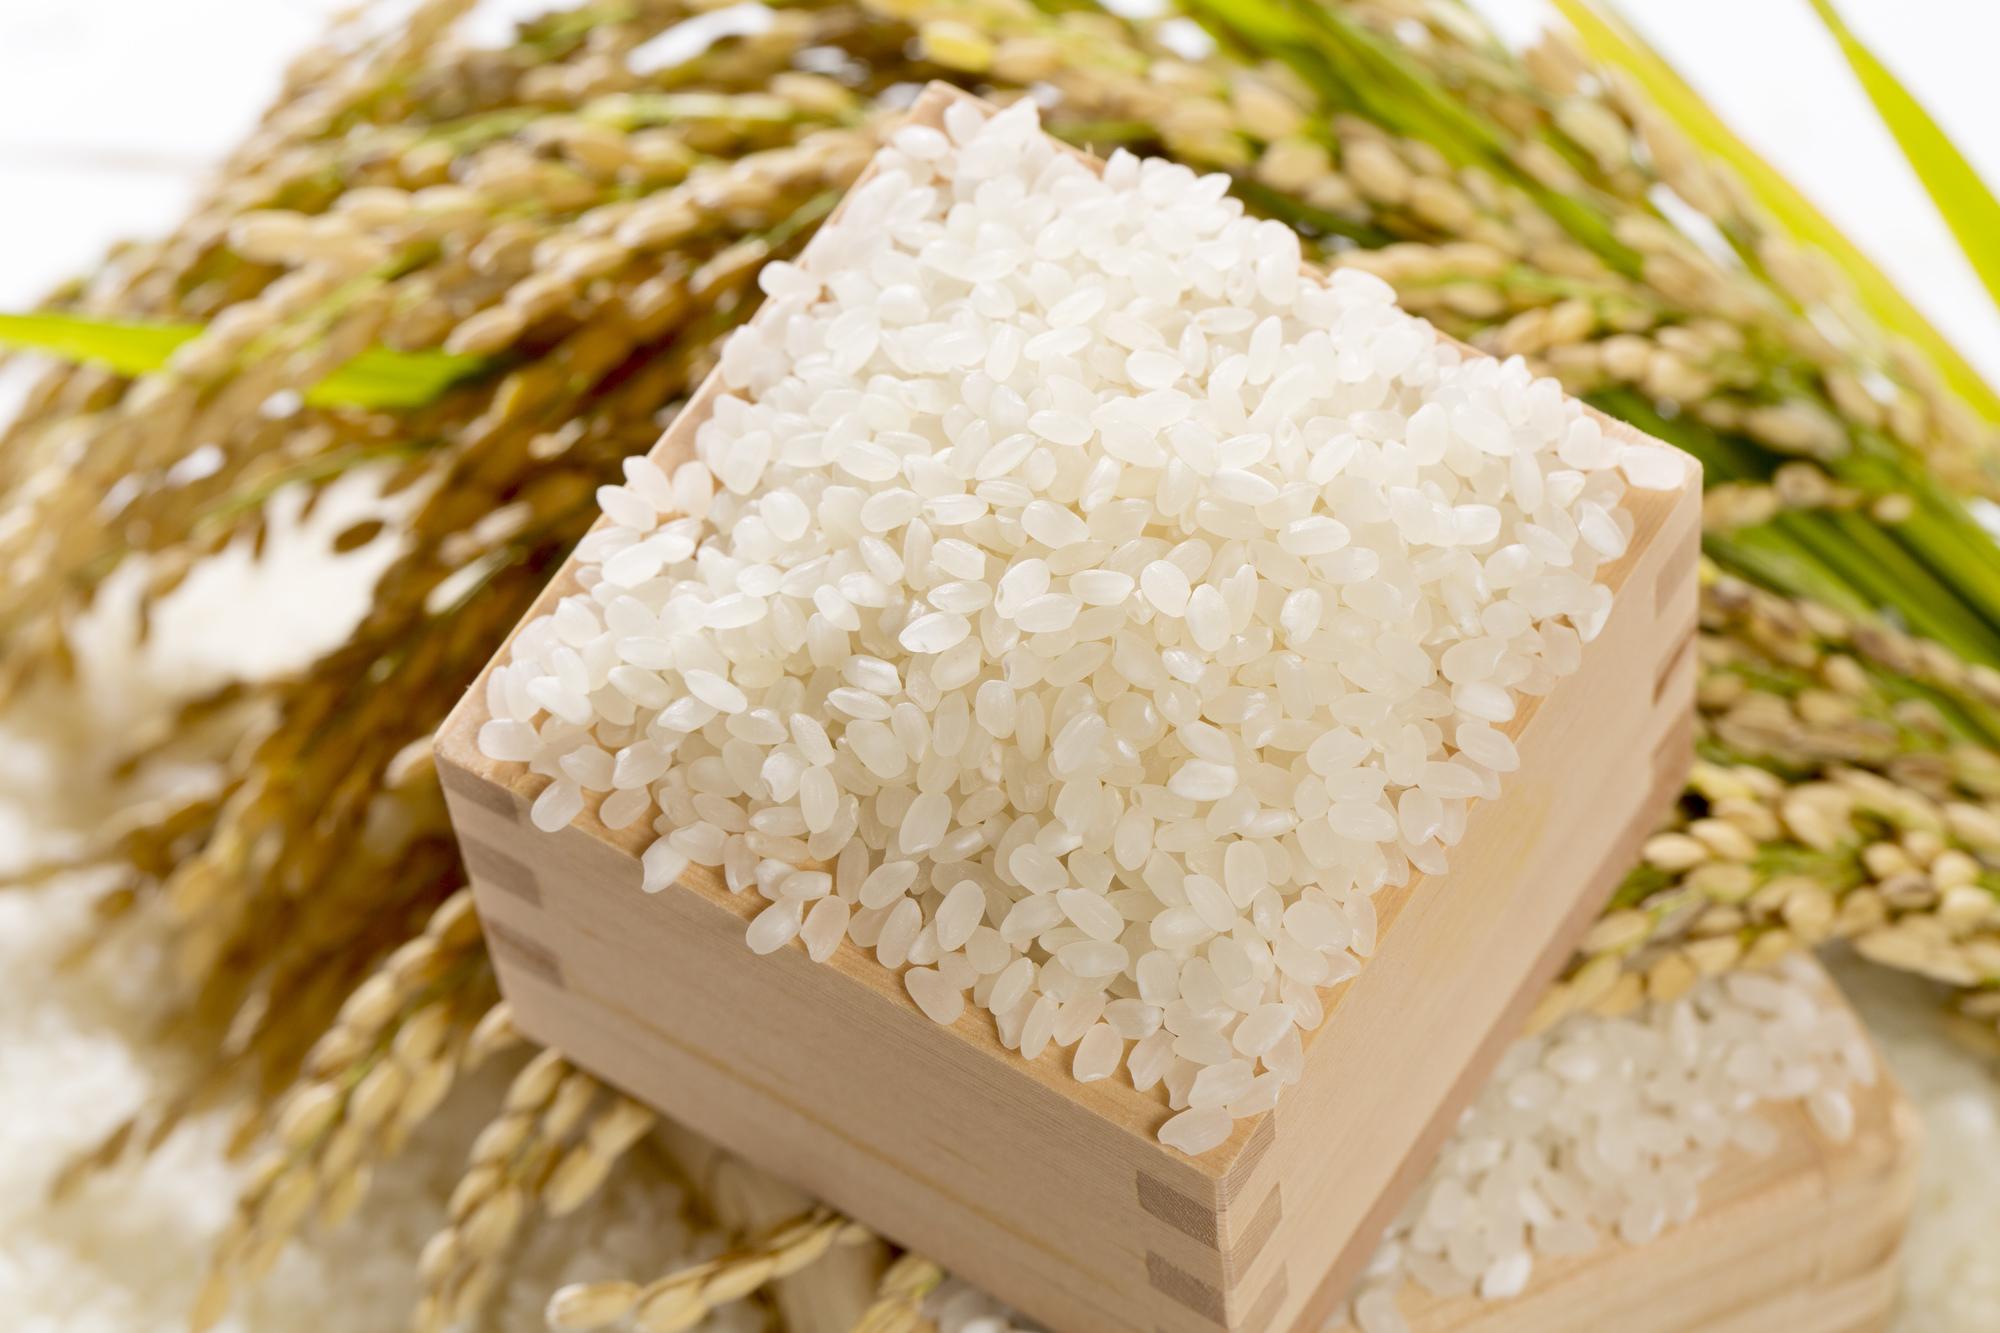 五穀の起源神話は、穀物のはじまりとともに、「おもてなし」の概念が当時からあったことを示唆しています。